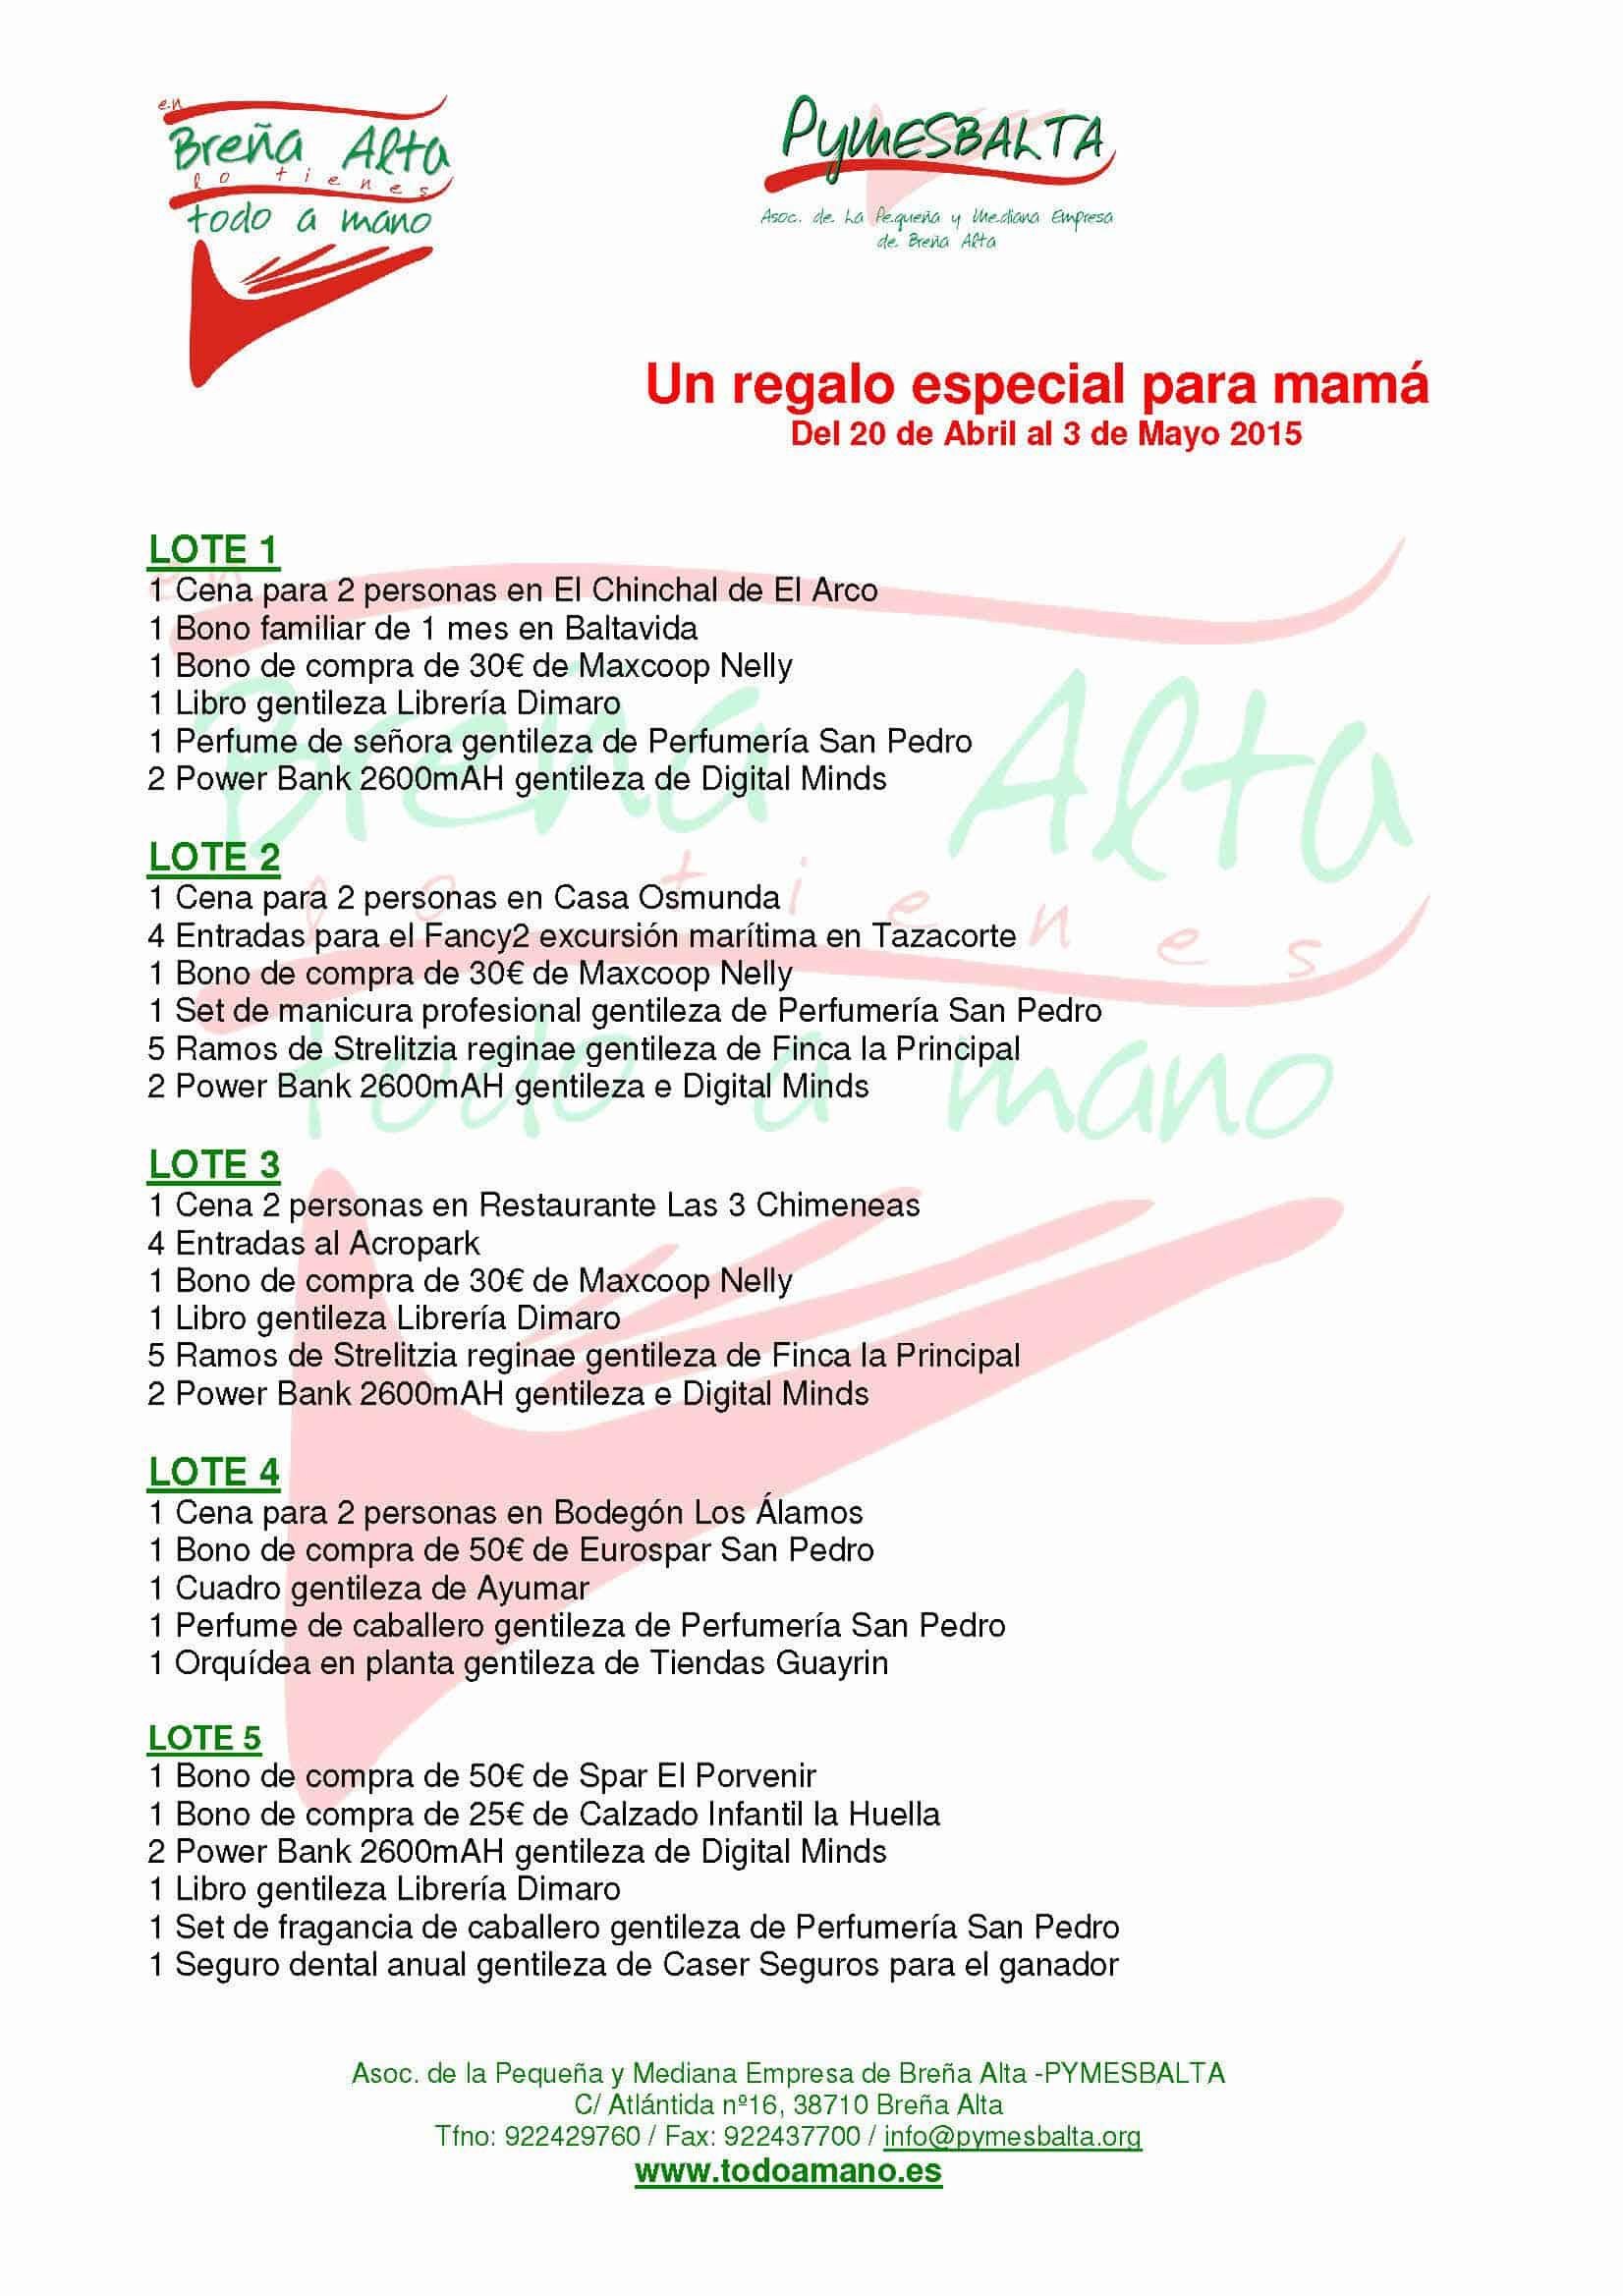 BasesMadre2015_Pymesbalta